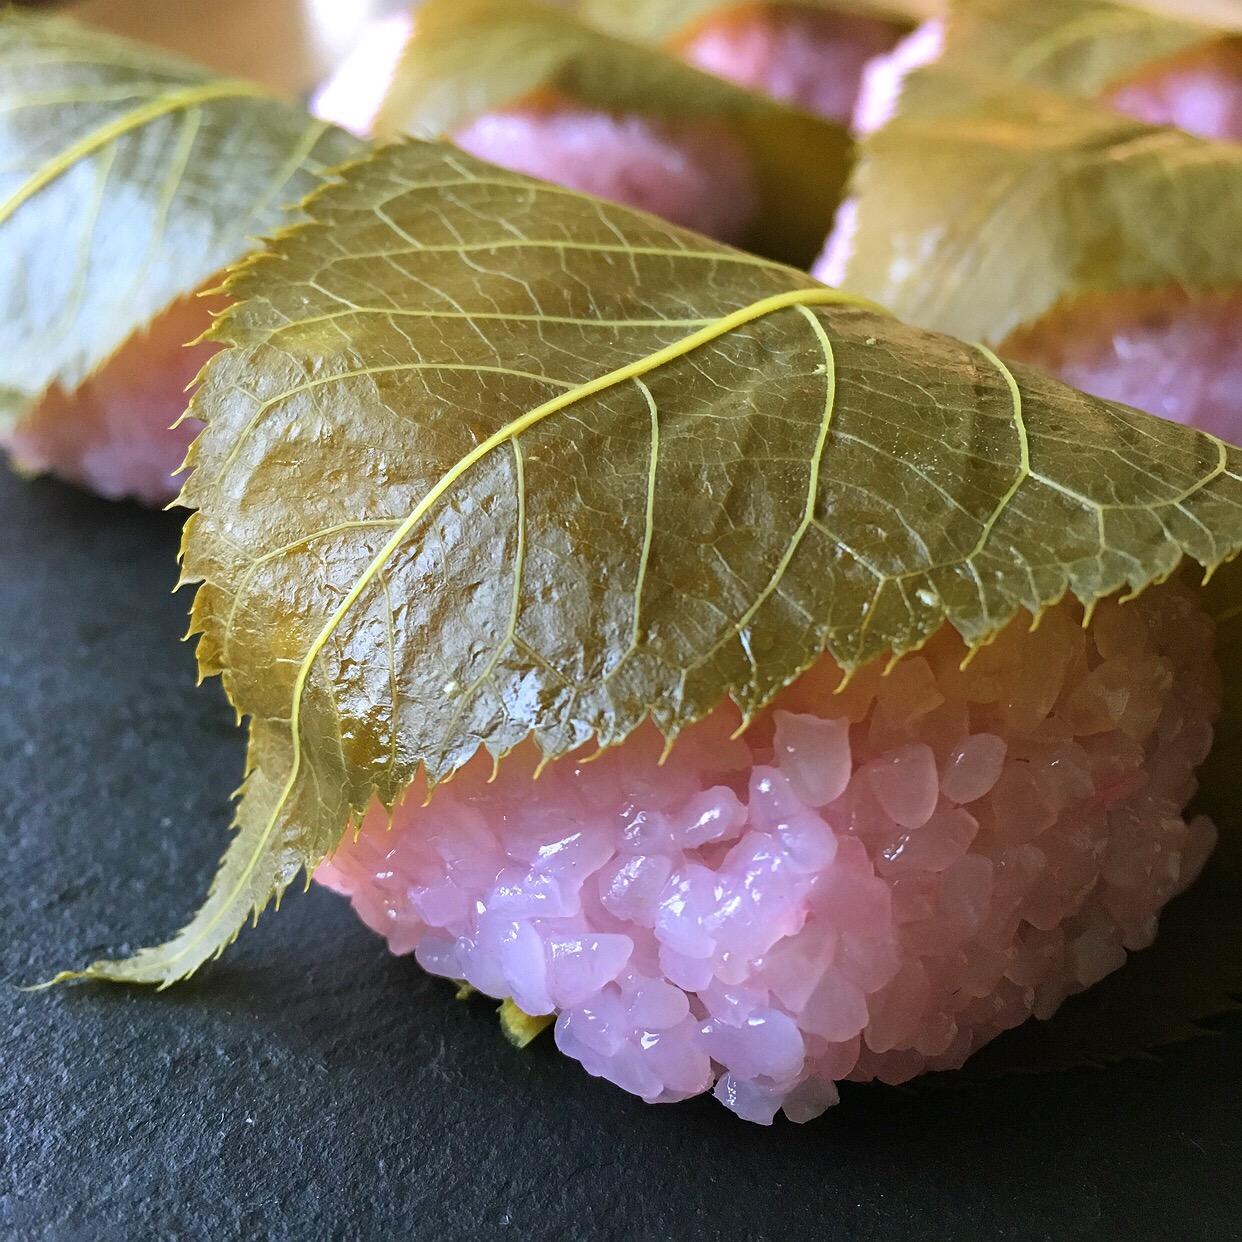 関西と関東で違う?春を告げる和菓子「桜餅」の特徴と作り方の画像